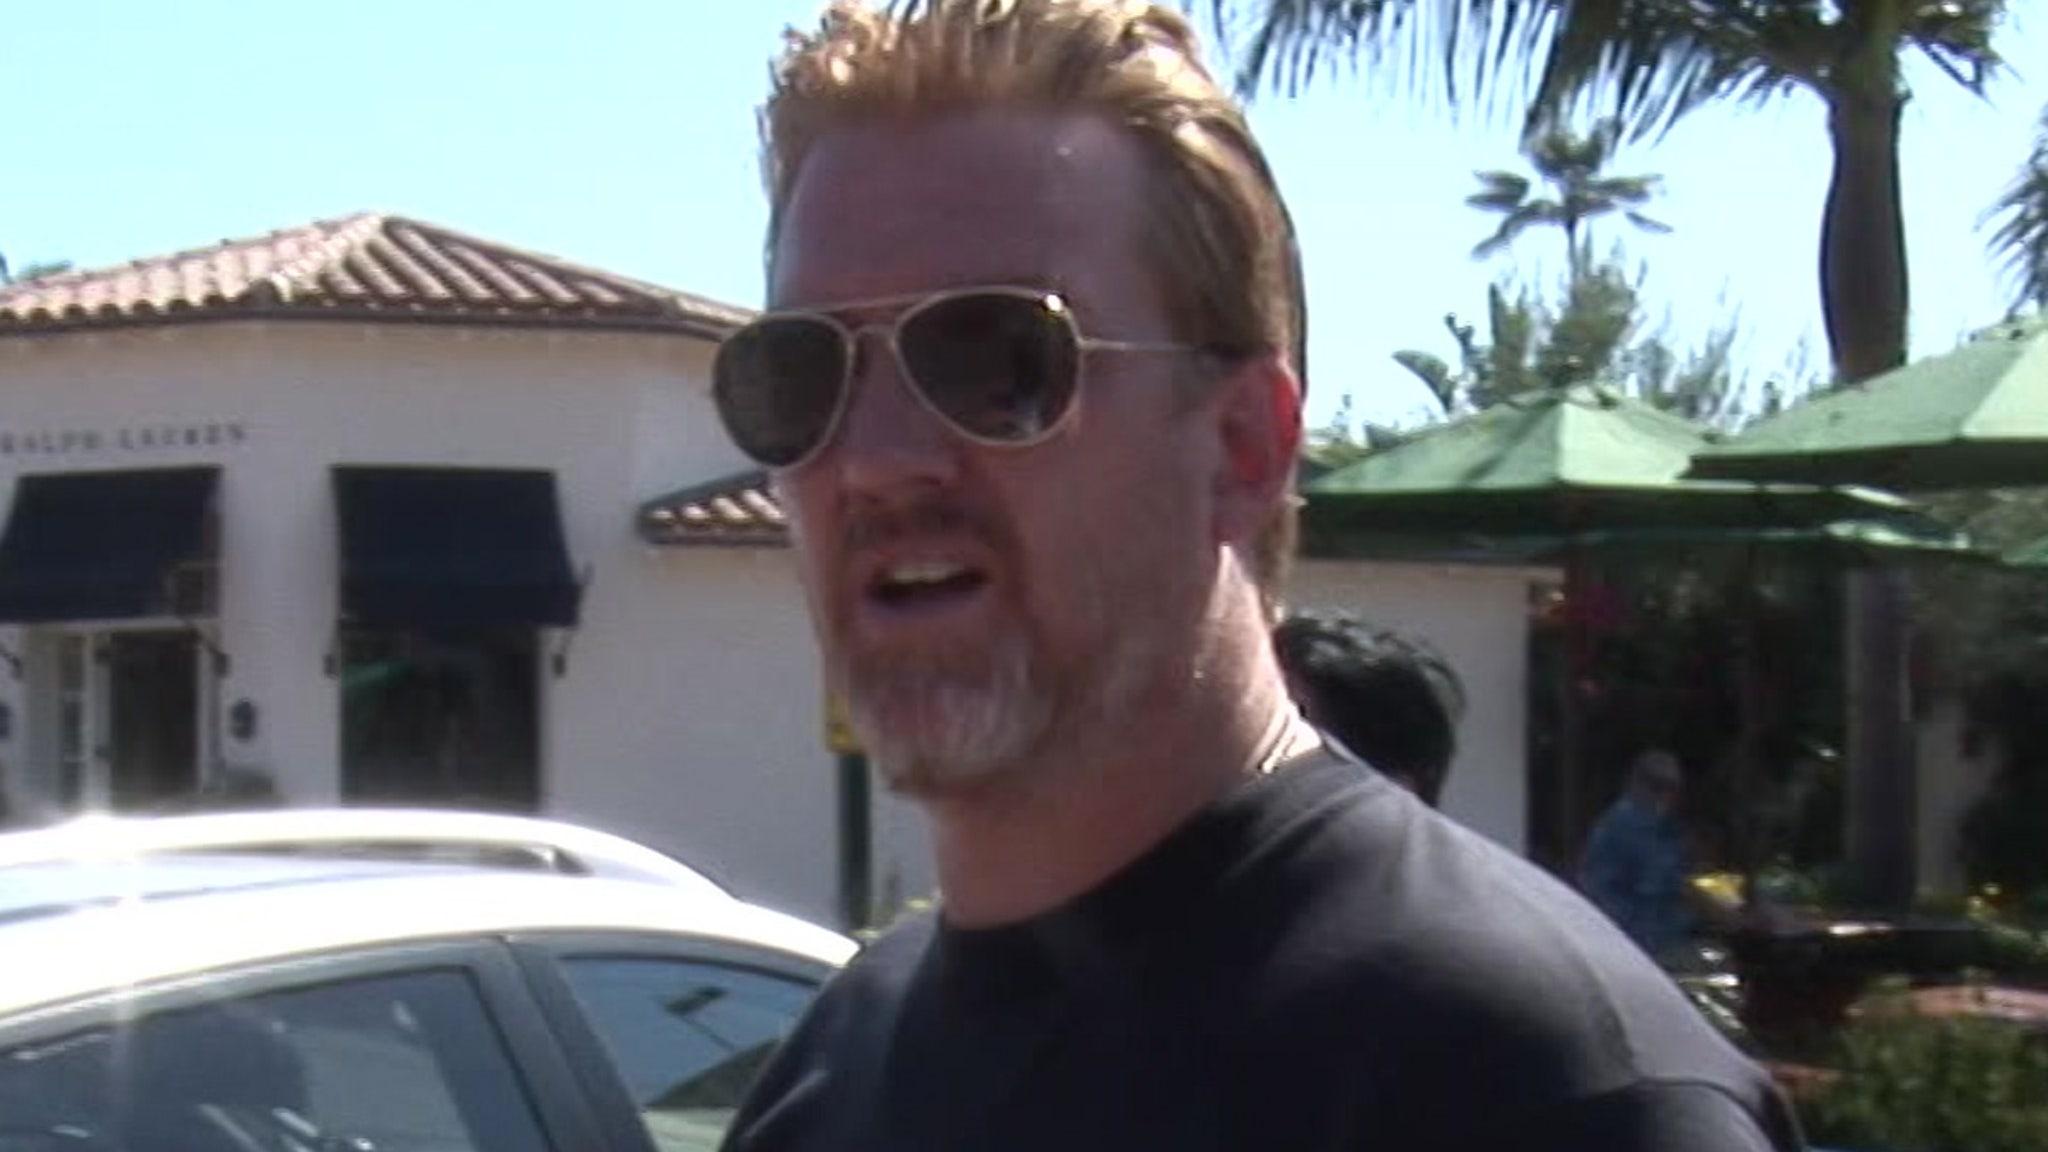 QOTSA Singer Josh Homme's Kids File for Restraining Order Against Him thumbnail